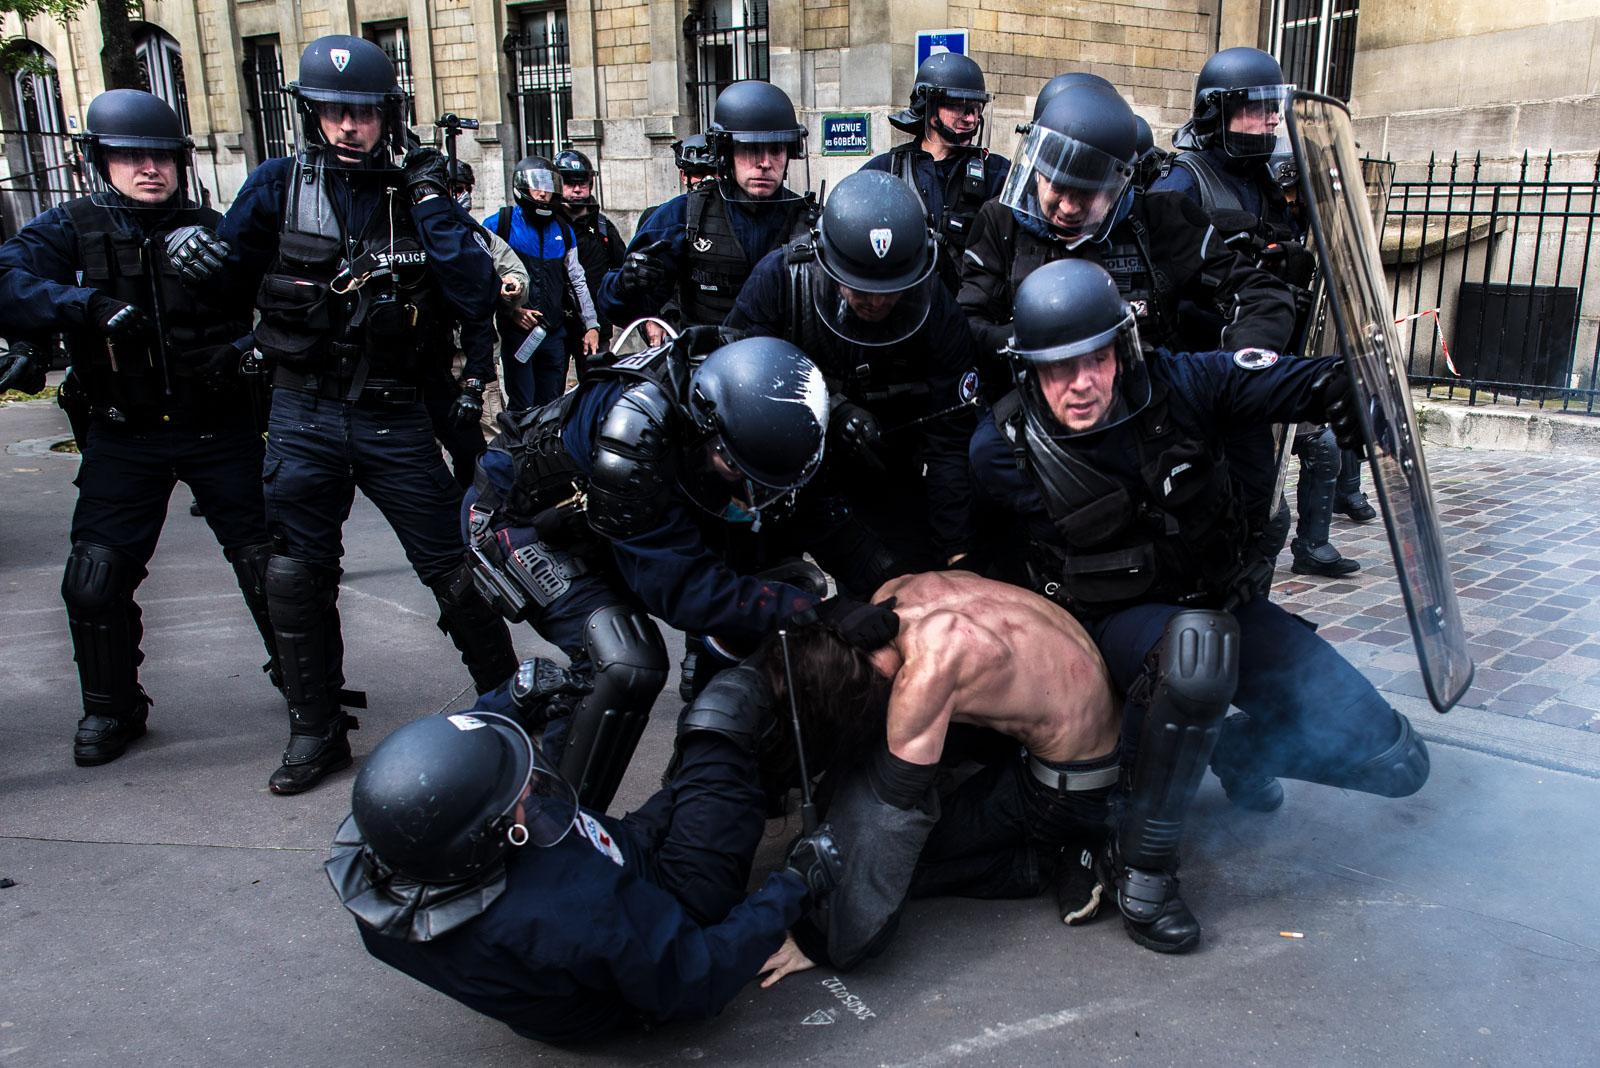 19 mai 2016 : Entre 15000 et 100000 personnes ont manifesté entre place de la Nation et place d'Italie pour protester contre la loi Travail qui a été passée la semaine passée. La police a fait usage à quelques reprises de gaz lacrymogène et de grenades de désencerclement. Elle a également procédé à plusieurs interpellations à la fin de la manifestation. Paris, France.